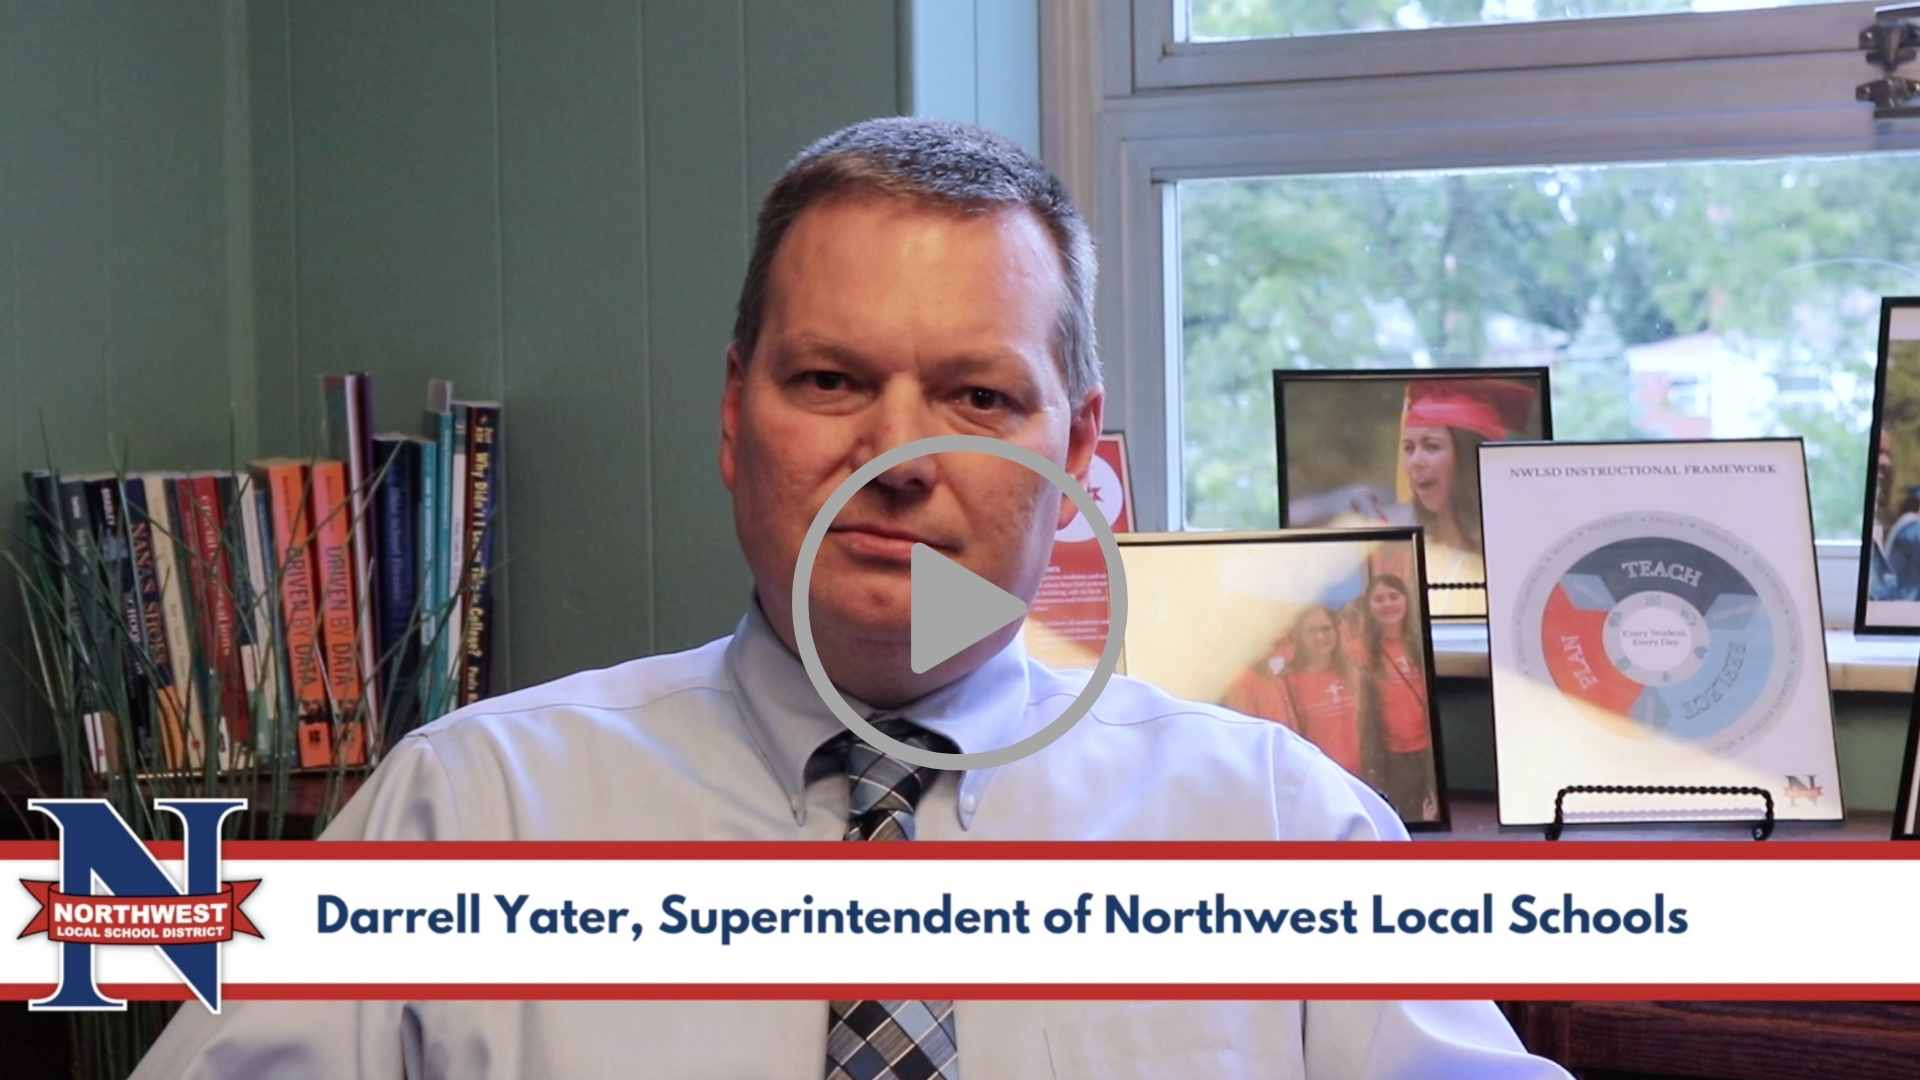 Northwest Local School District, Darrell Yater,  Superintendent of Northwest Local Schools